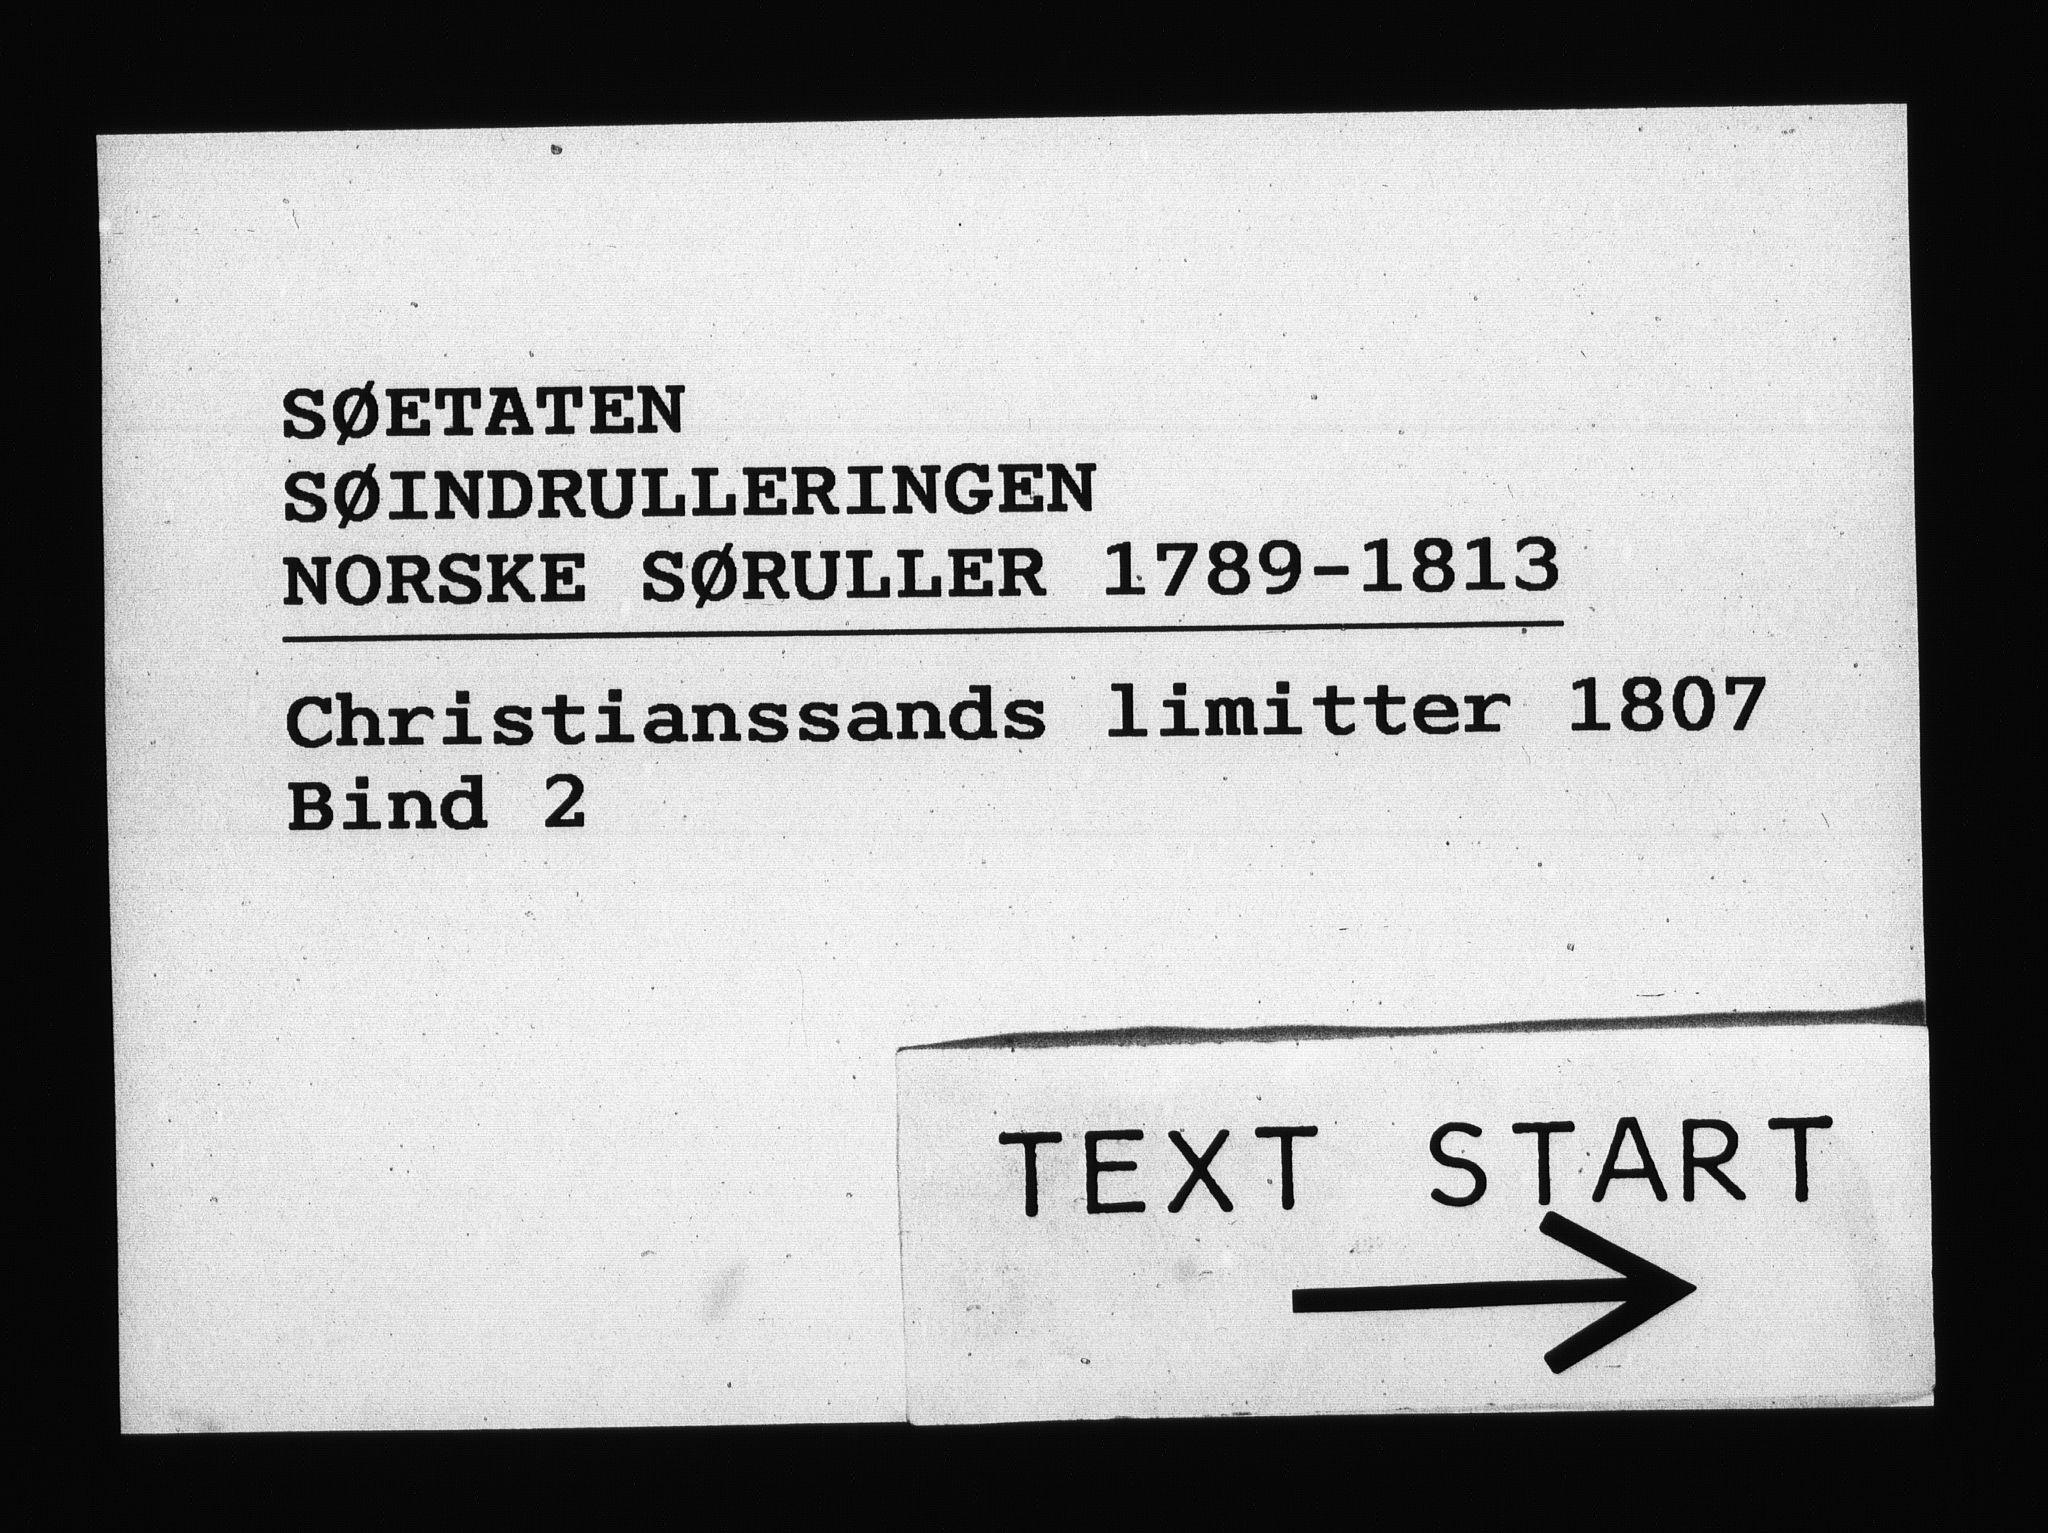 RA, Sjøetaten, F/L0100: Kristiansand limitter, bind 2, 1807